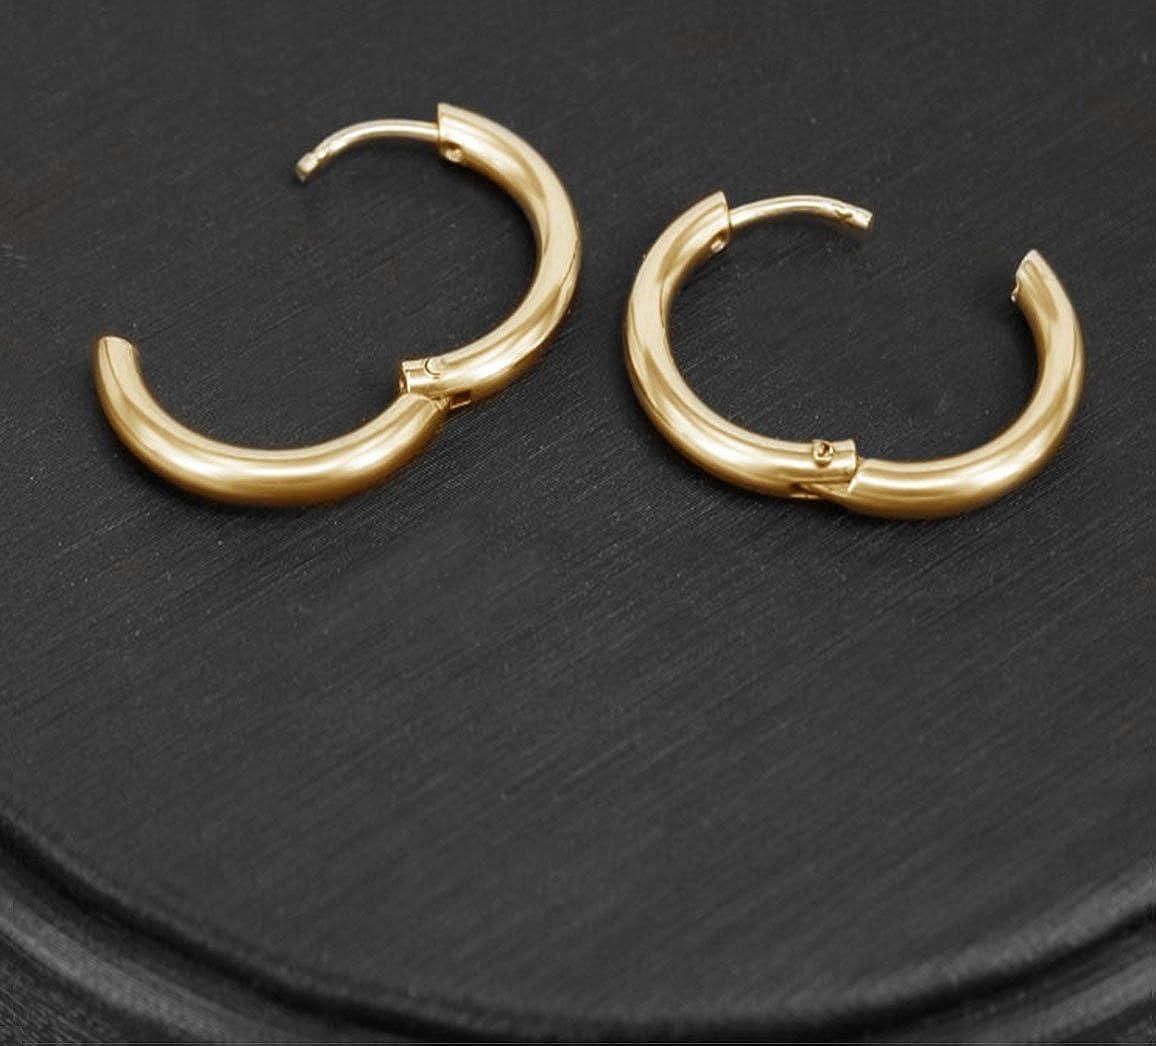 Stainless Steel Endless Hoop Earrings for Multiple Piercings 5 Pairs Small Hoop Earrings Set for Women Men